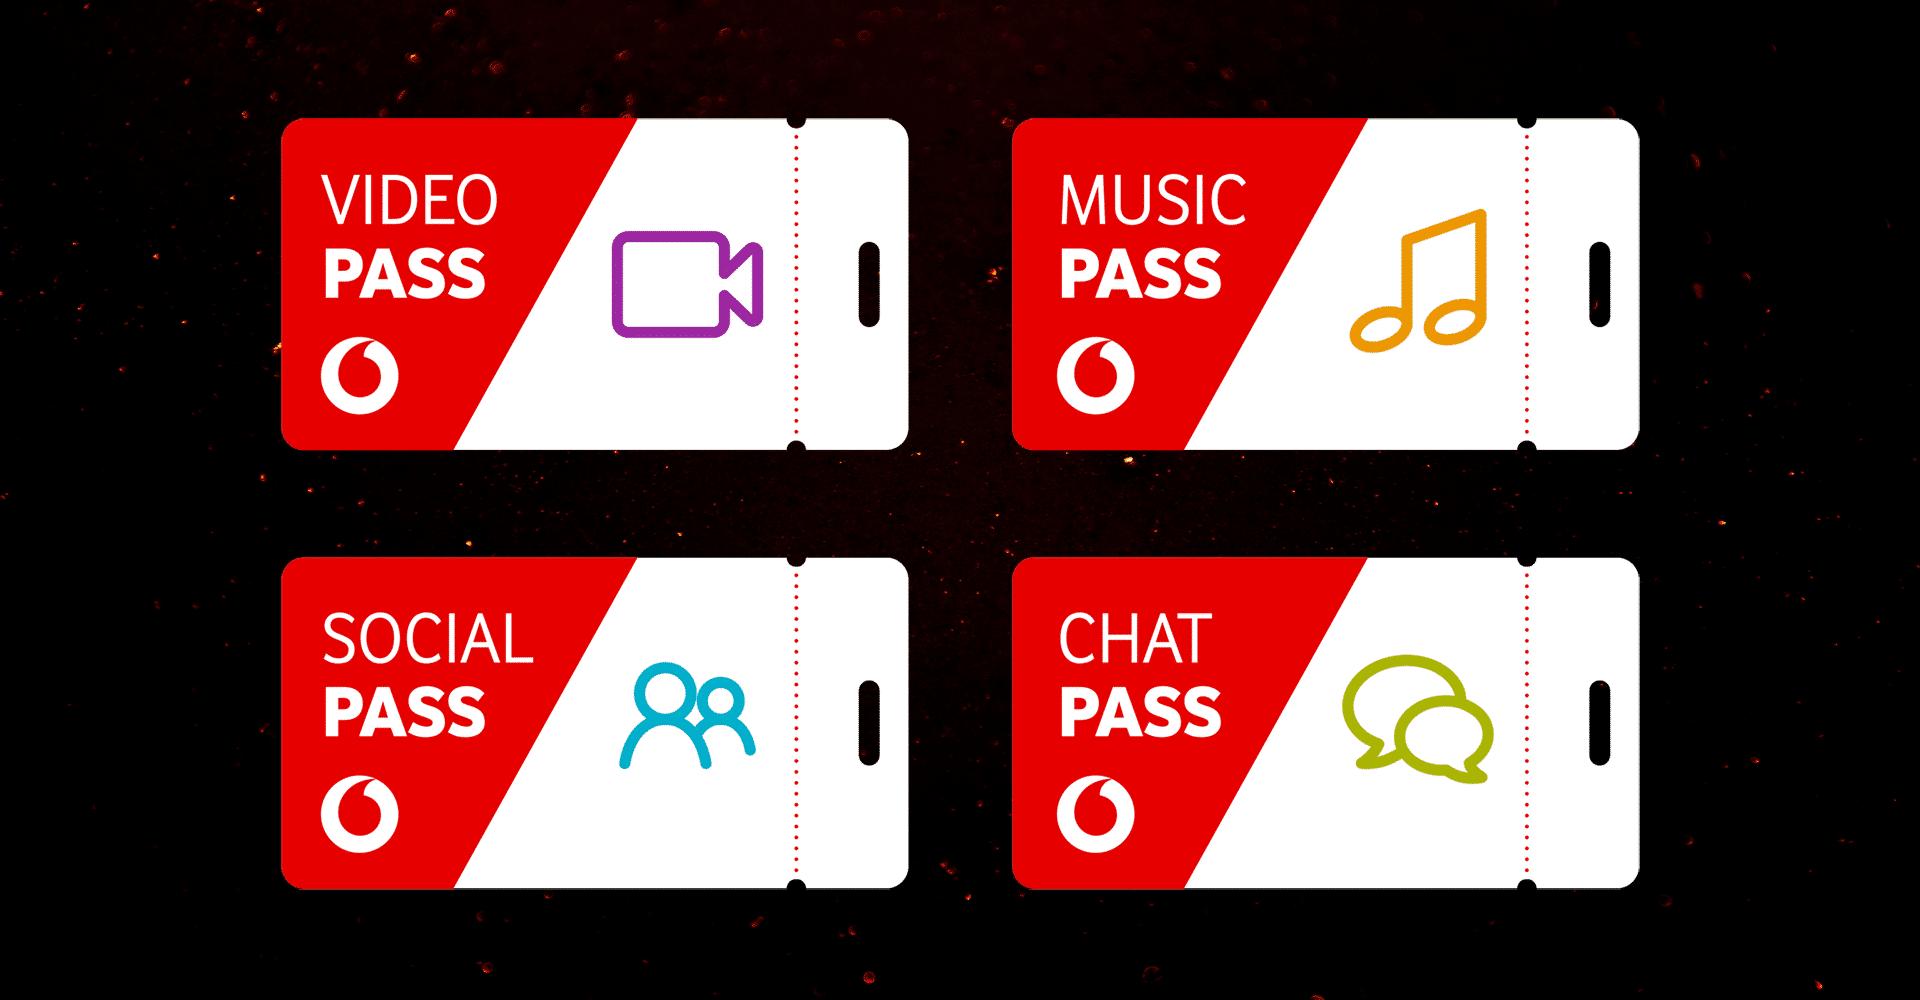 Vodafone Video Pass Partner